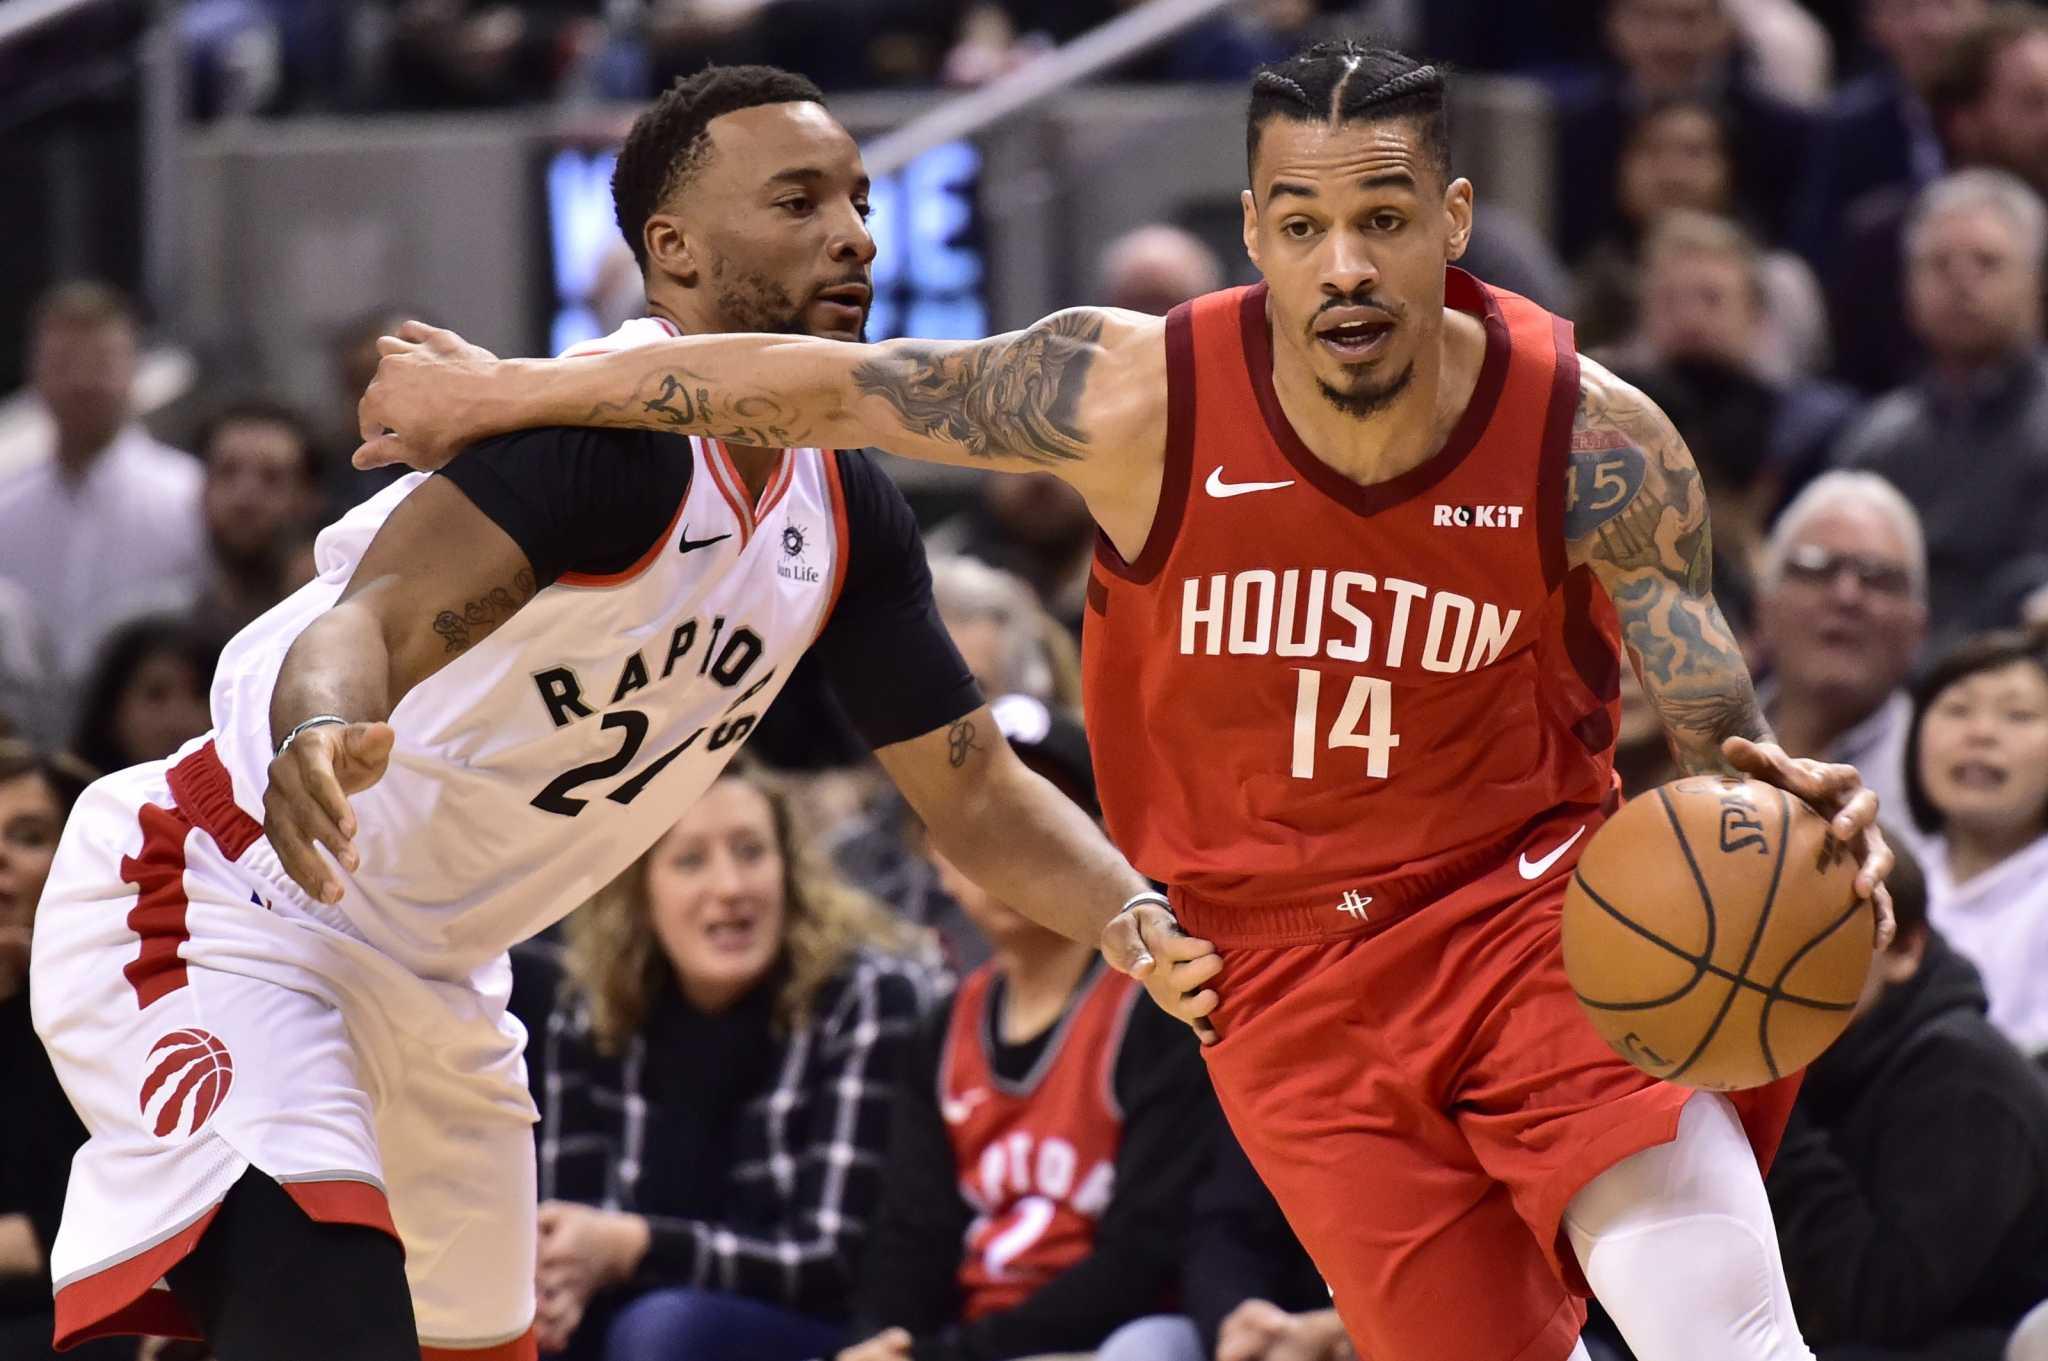 Rockets' winning streak marked by return of team's 'swagger'